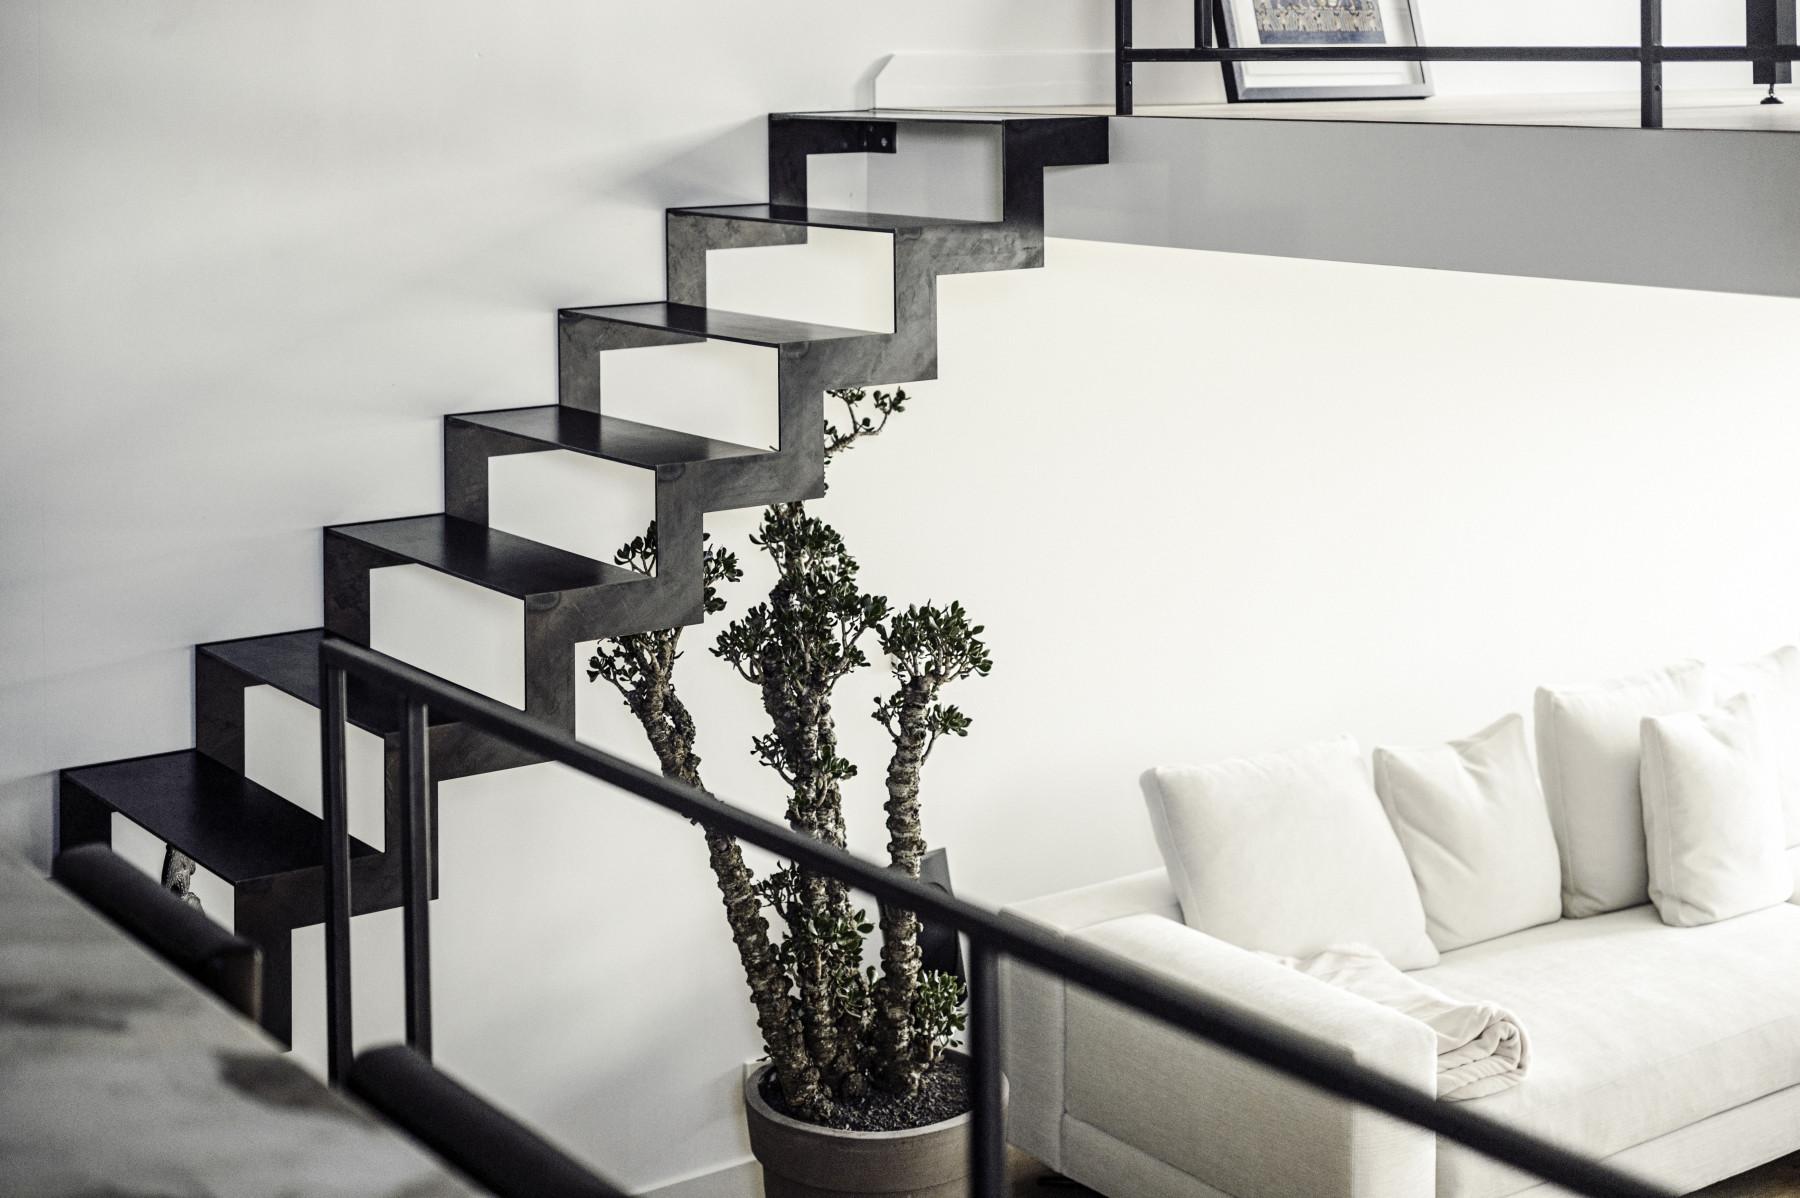 ich w rde gerne wissen wie die pflanze auf dem bild hei t. Black Bedroom Furniture Sets. Home Design Ideas